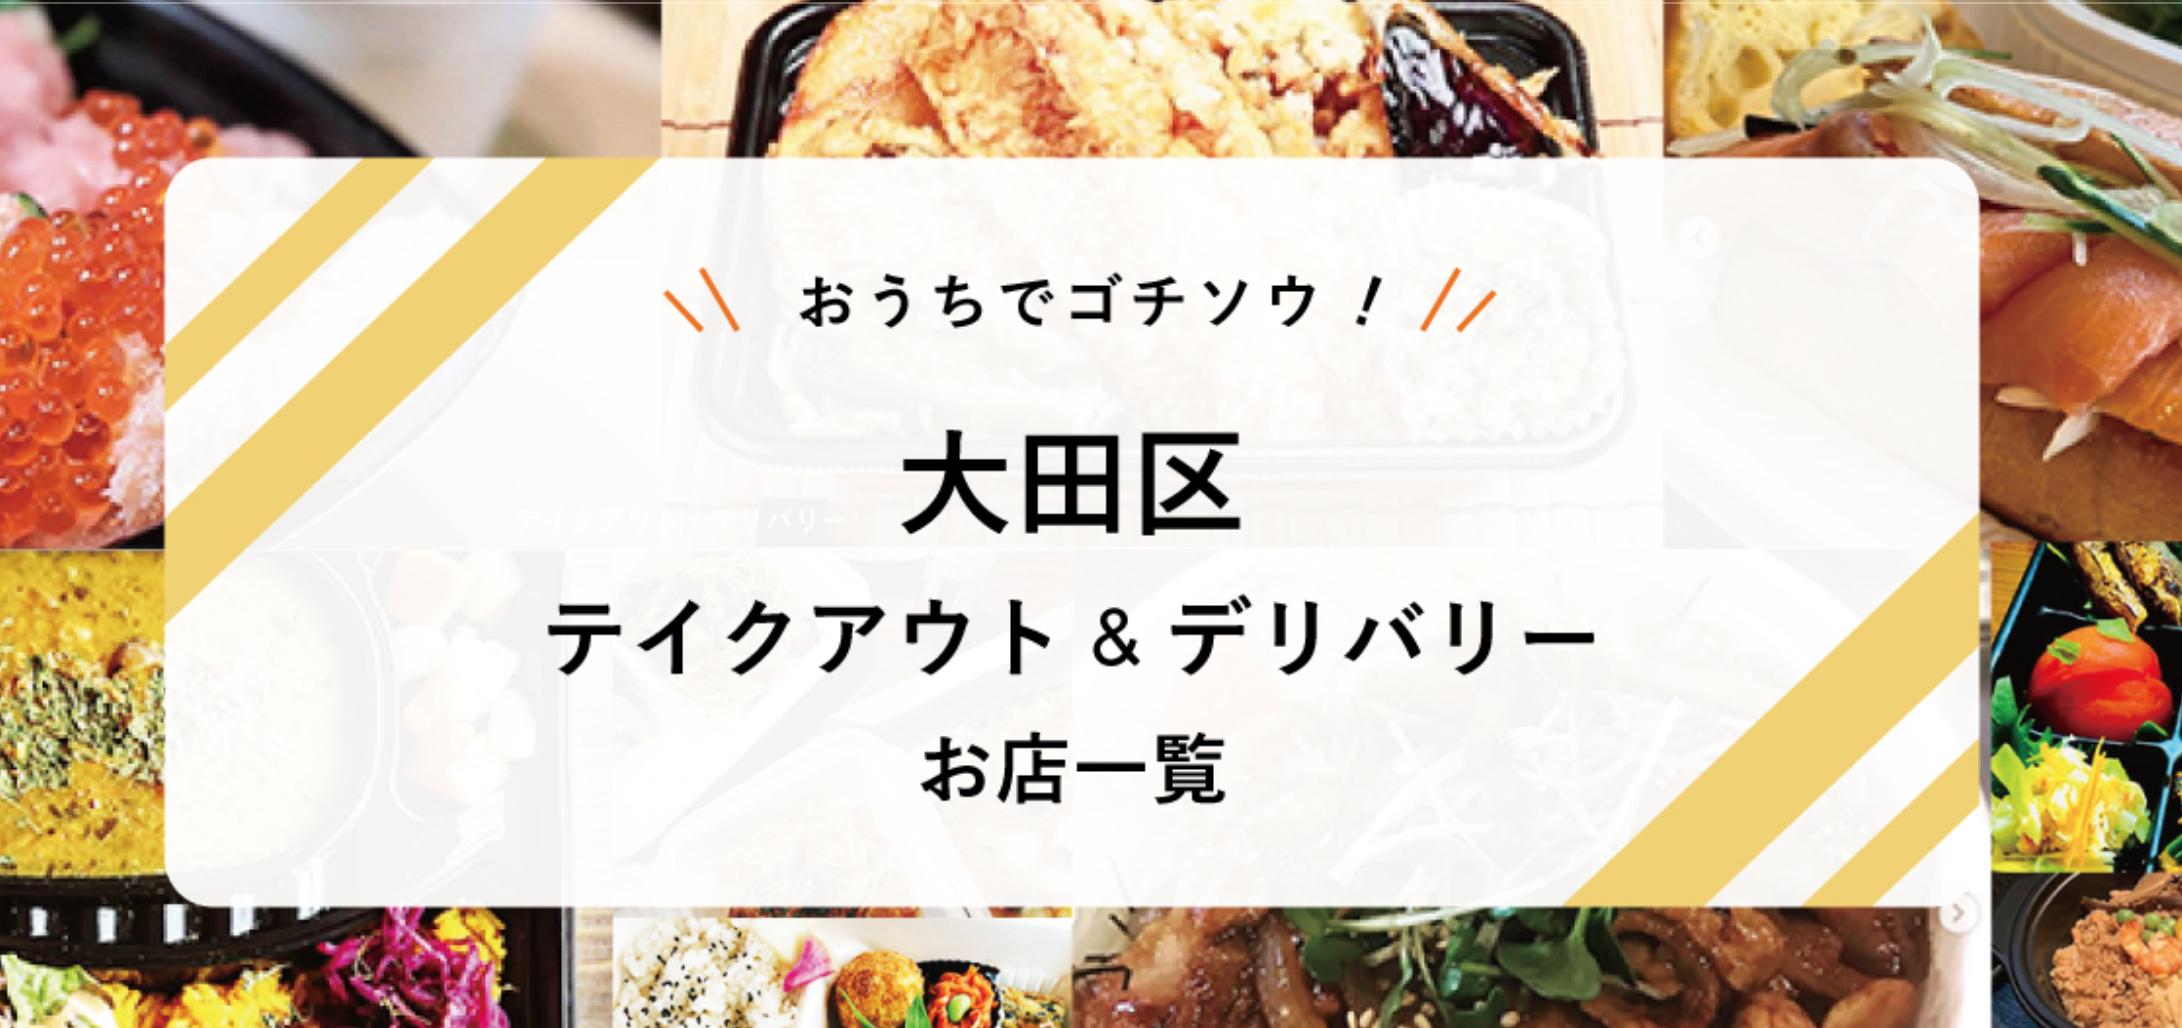 大田区 テイクアウト&デリバリー